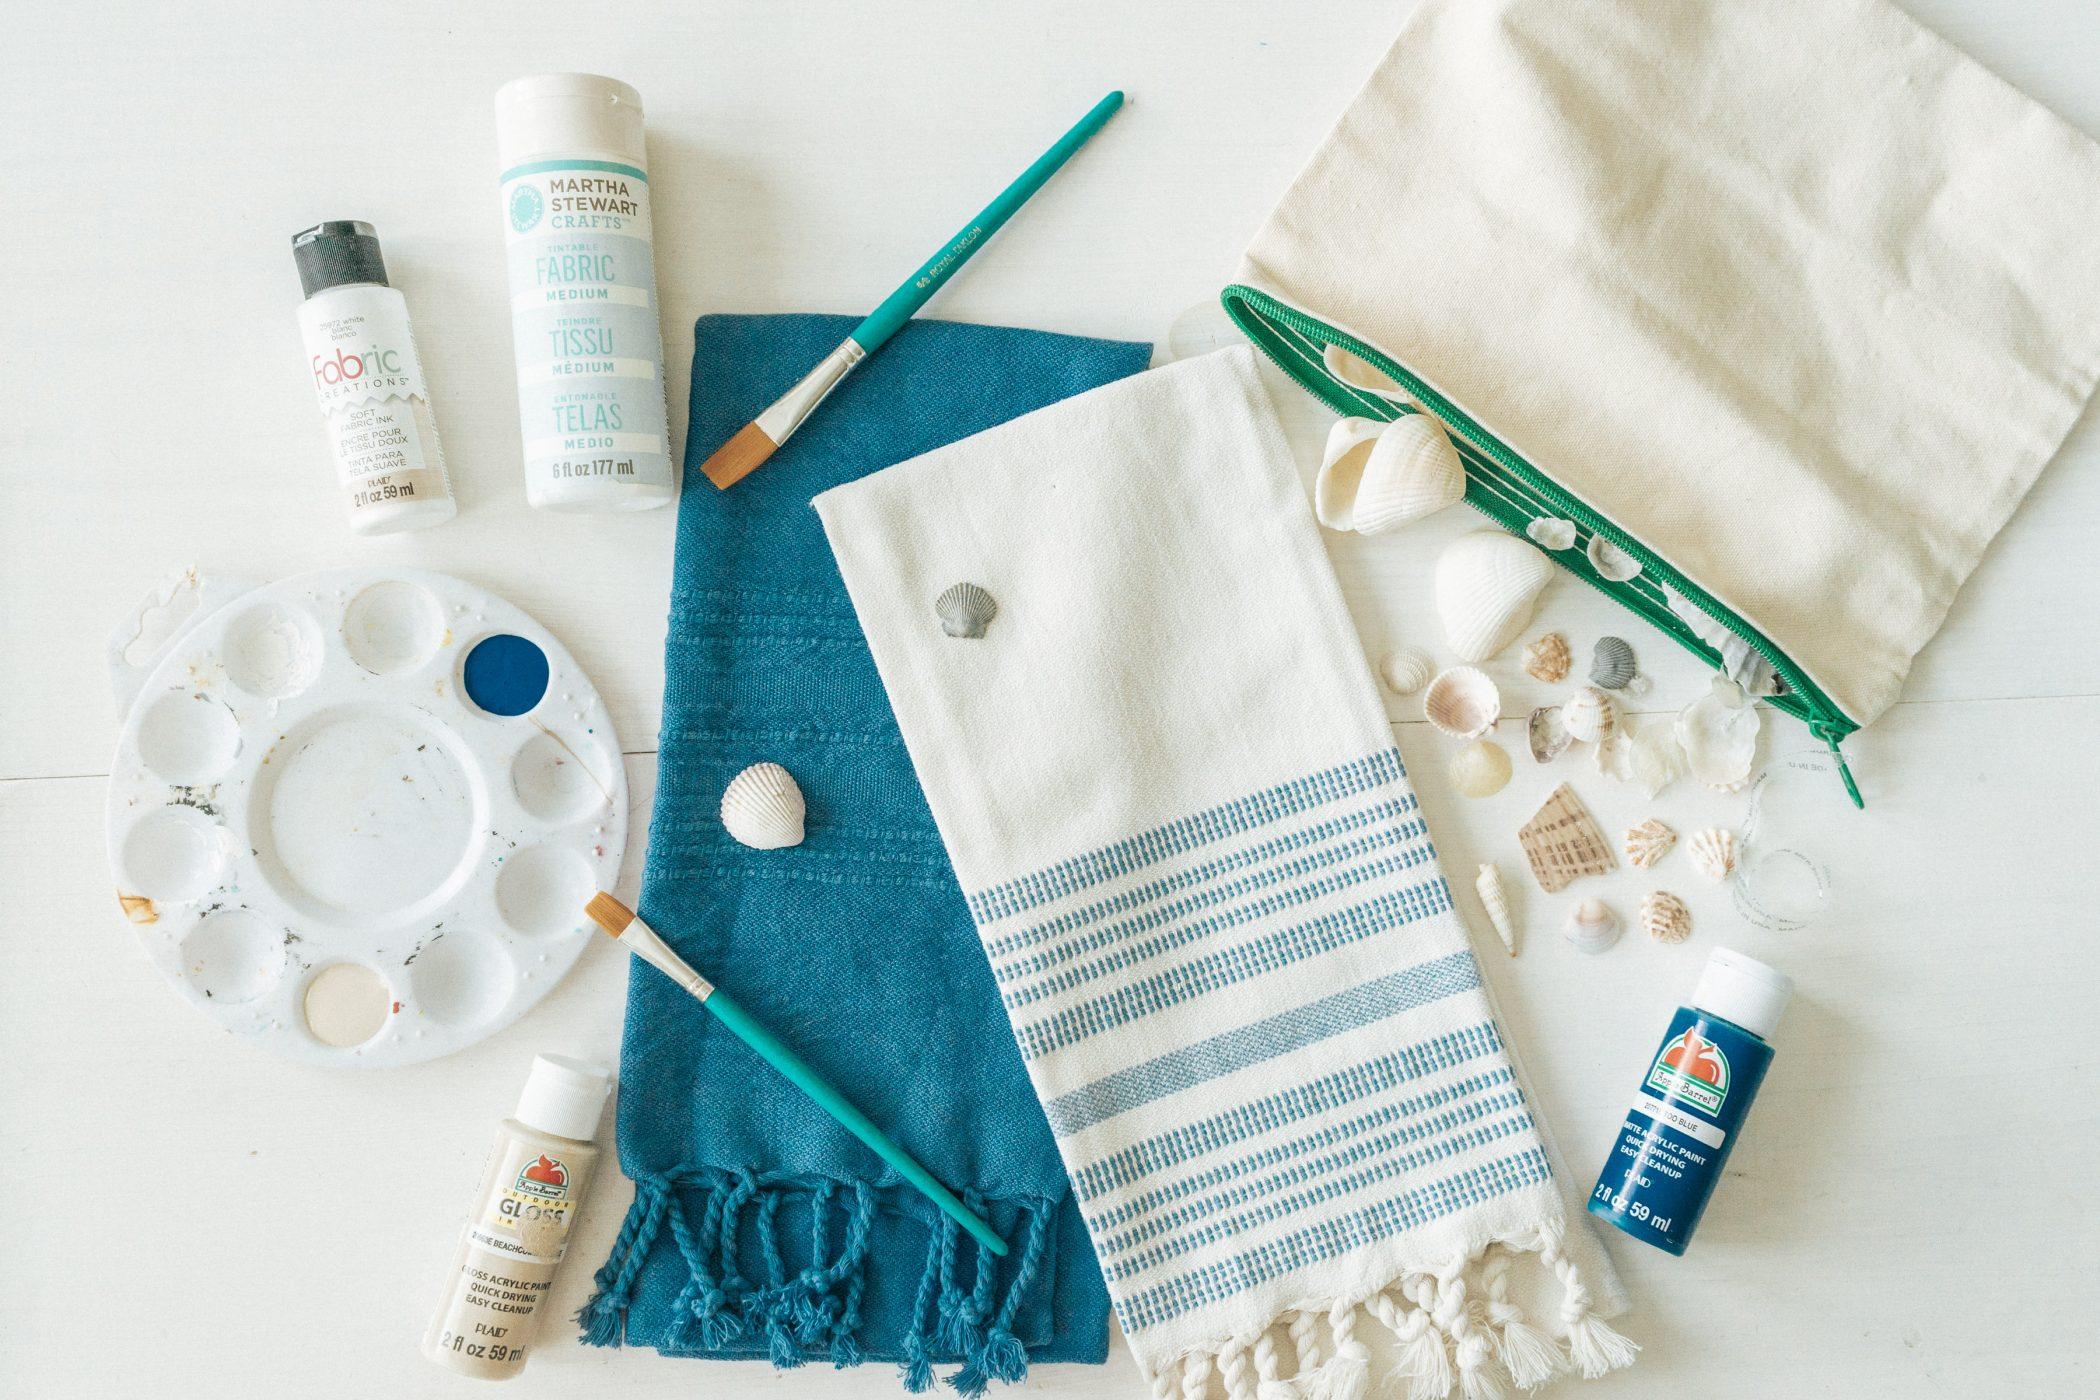 DIY Seashell Stamped Towels